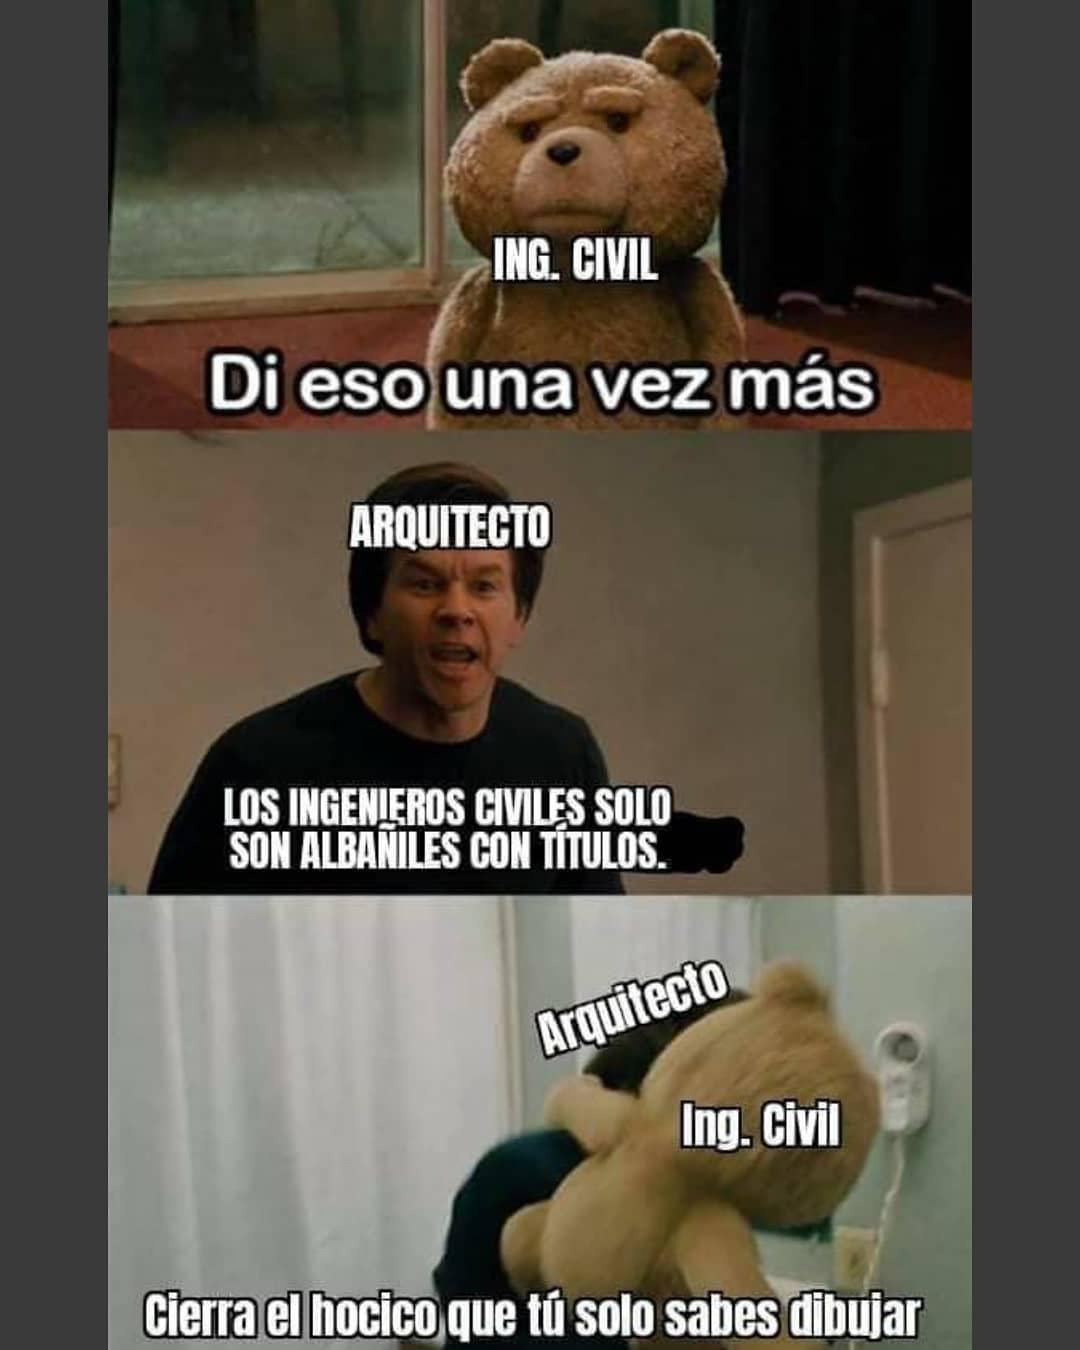 Ing. Civil: Di eso una vez más.  Arquitecto: Los ingenieros civiles solo son albañiles con títulos.  Arquitecto. Ing. Civil: Cierra el hocico que tú solo sabes dibujar.